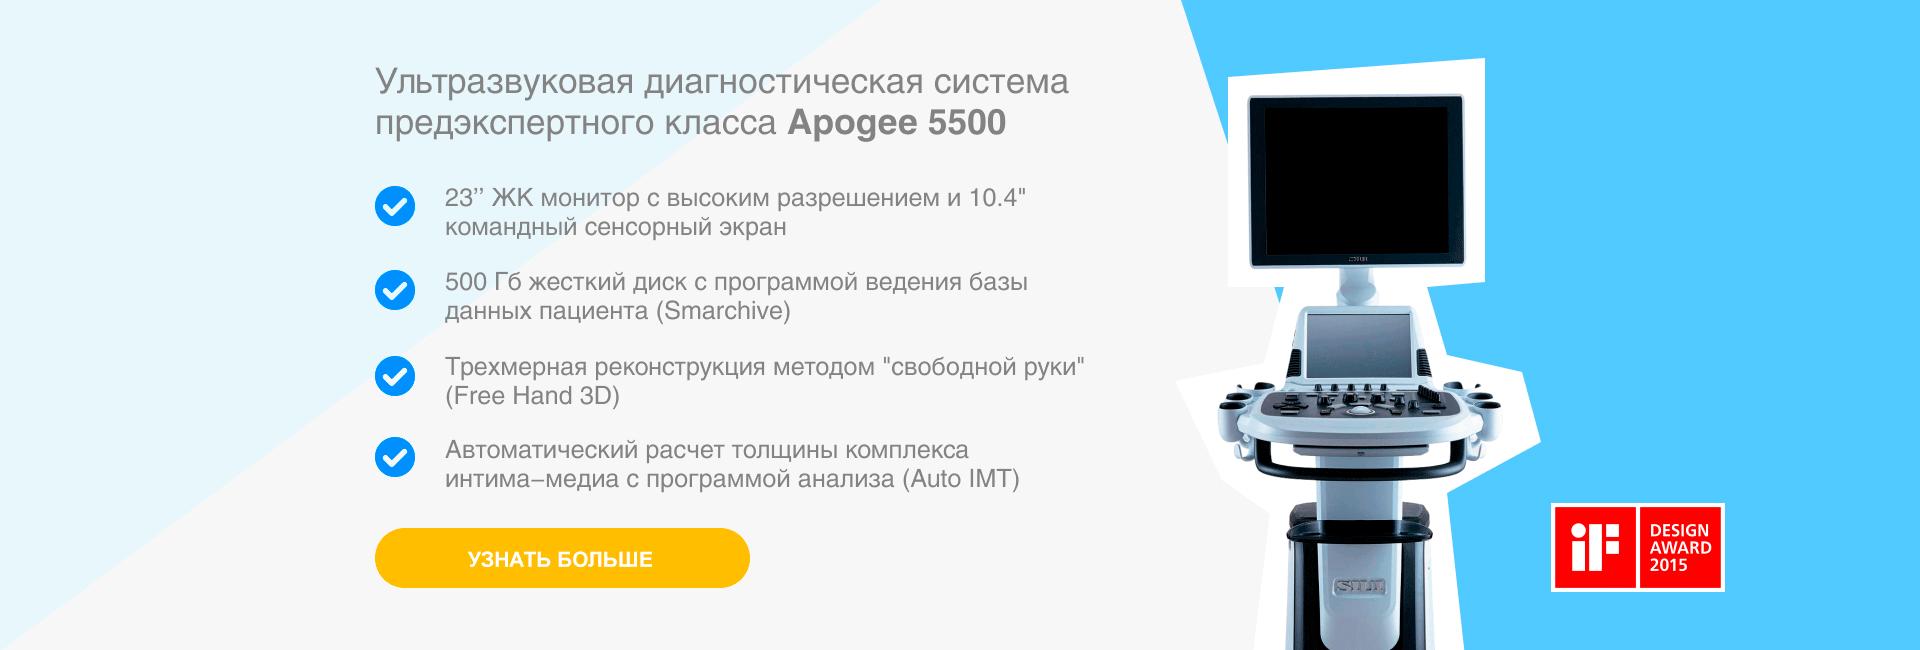 Apogee 5500